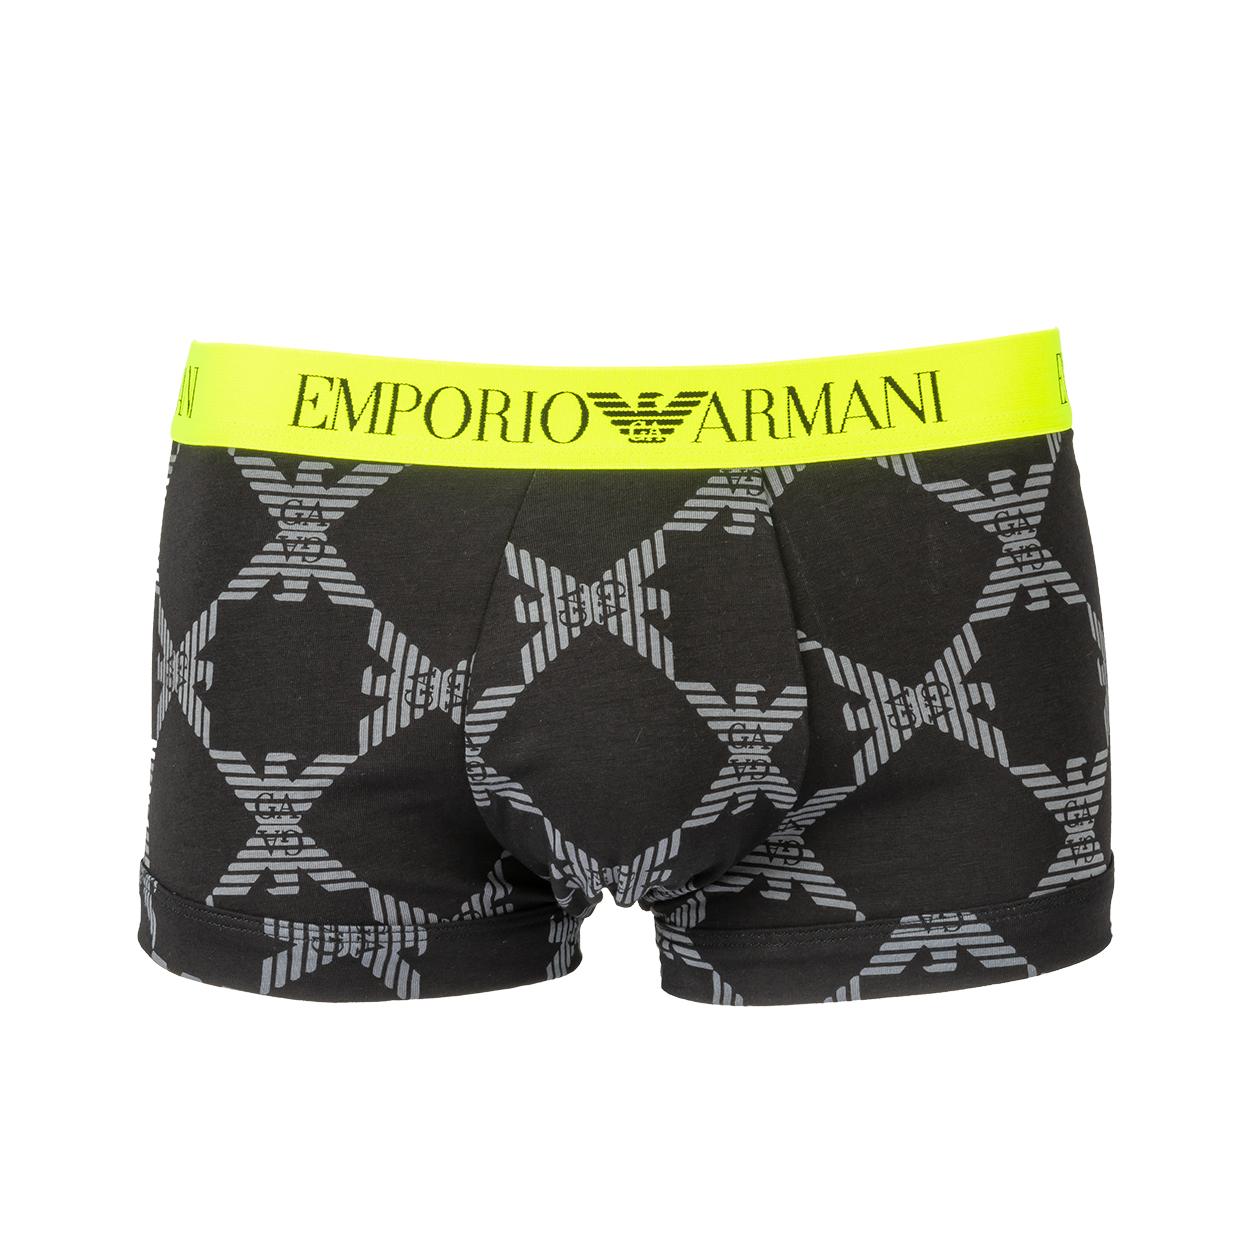 Boxer  en coton stretch noir à ceinture jaune fluo